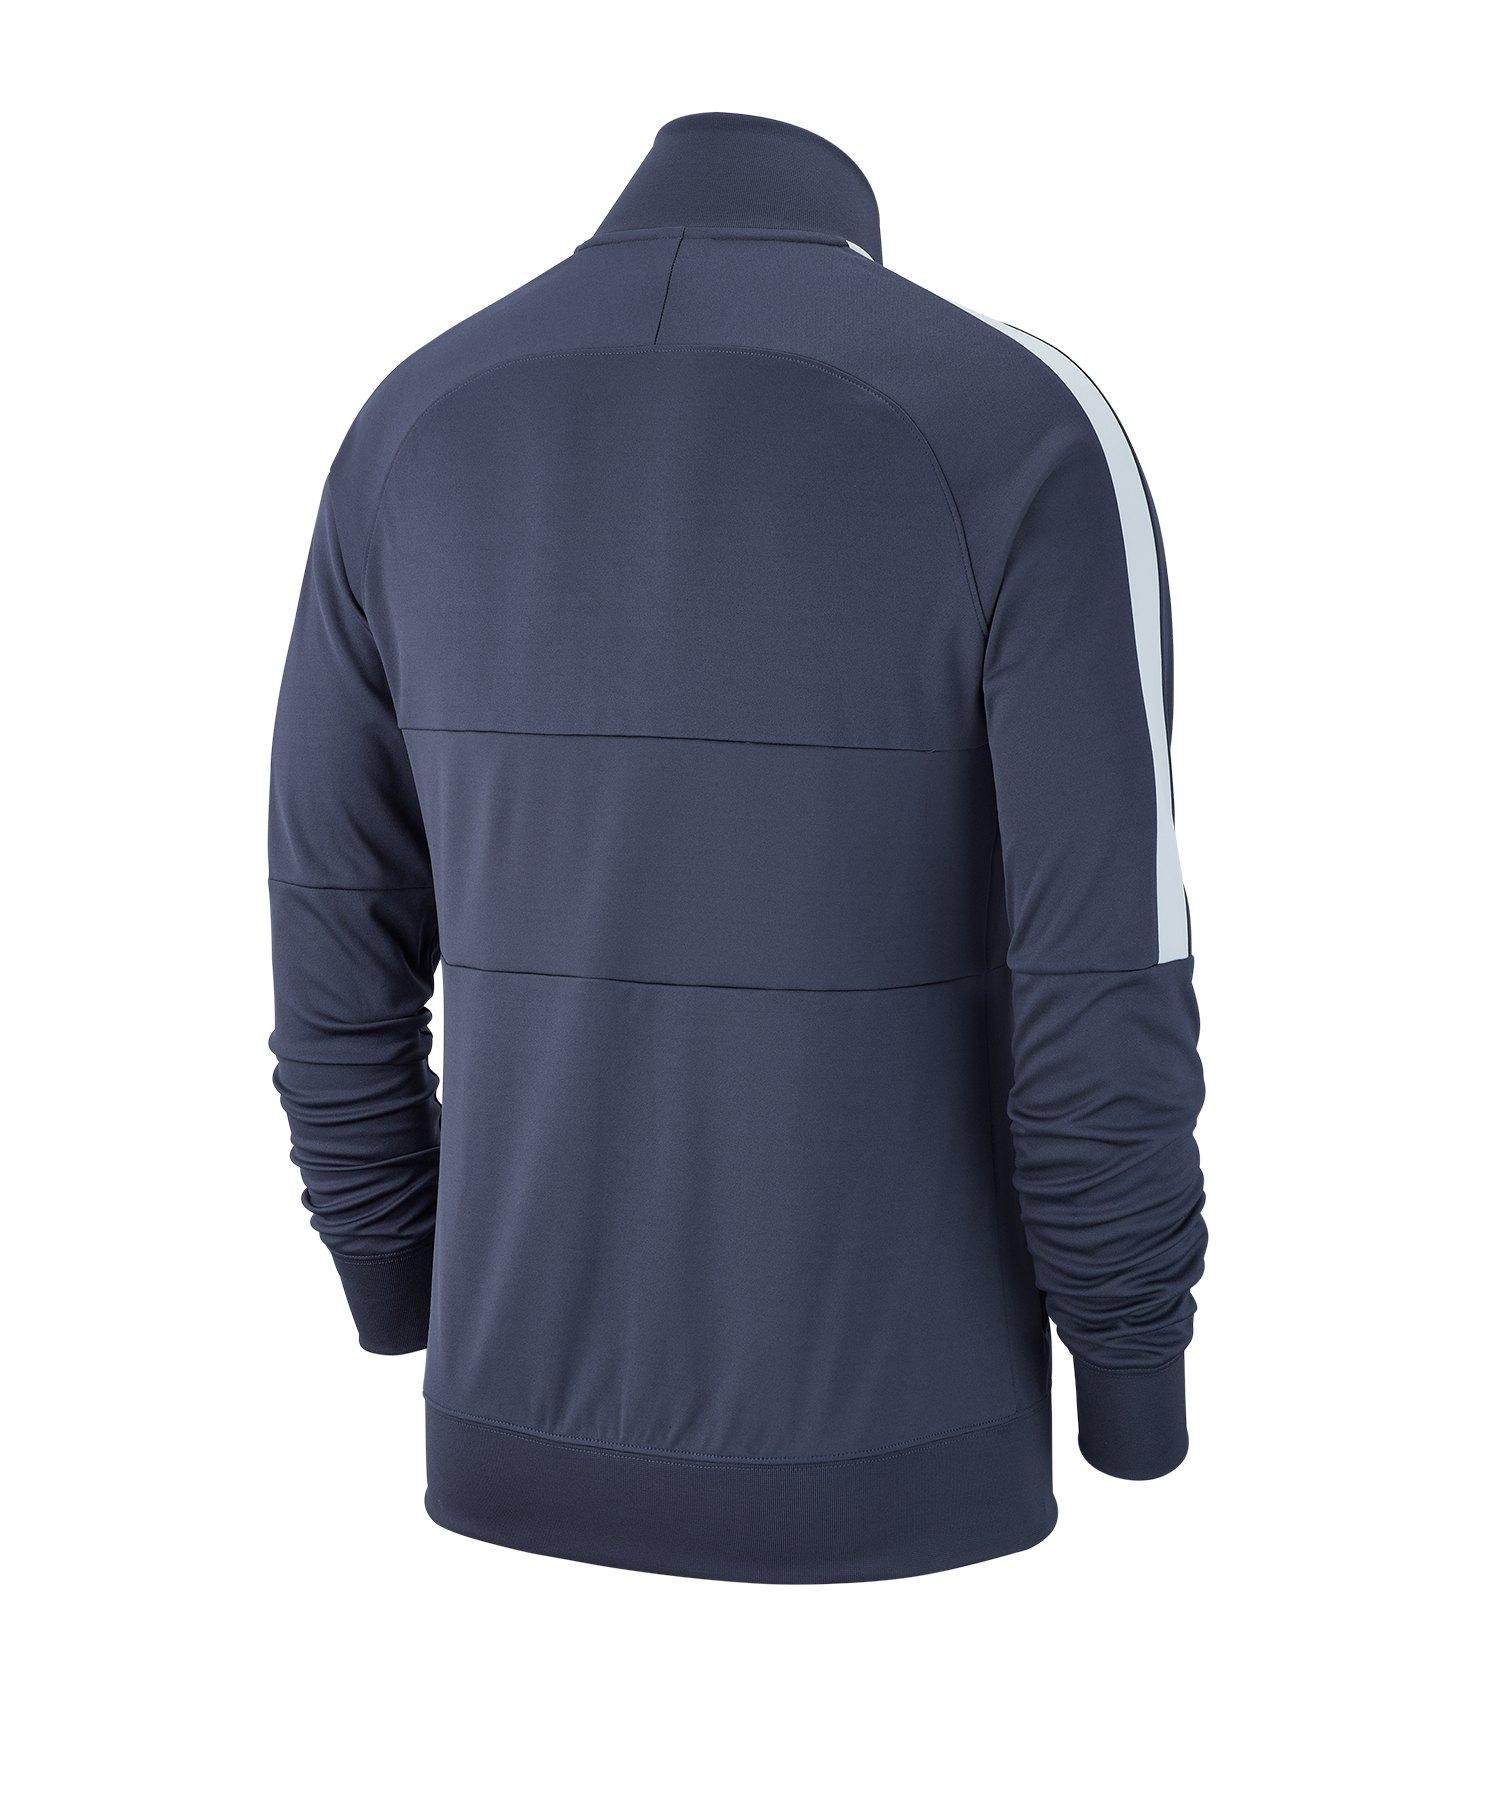 Nike Trainingsjacke Grau